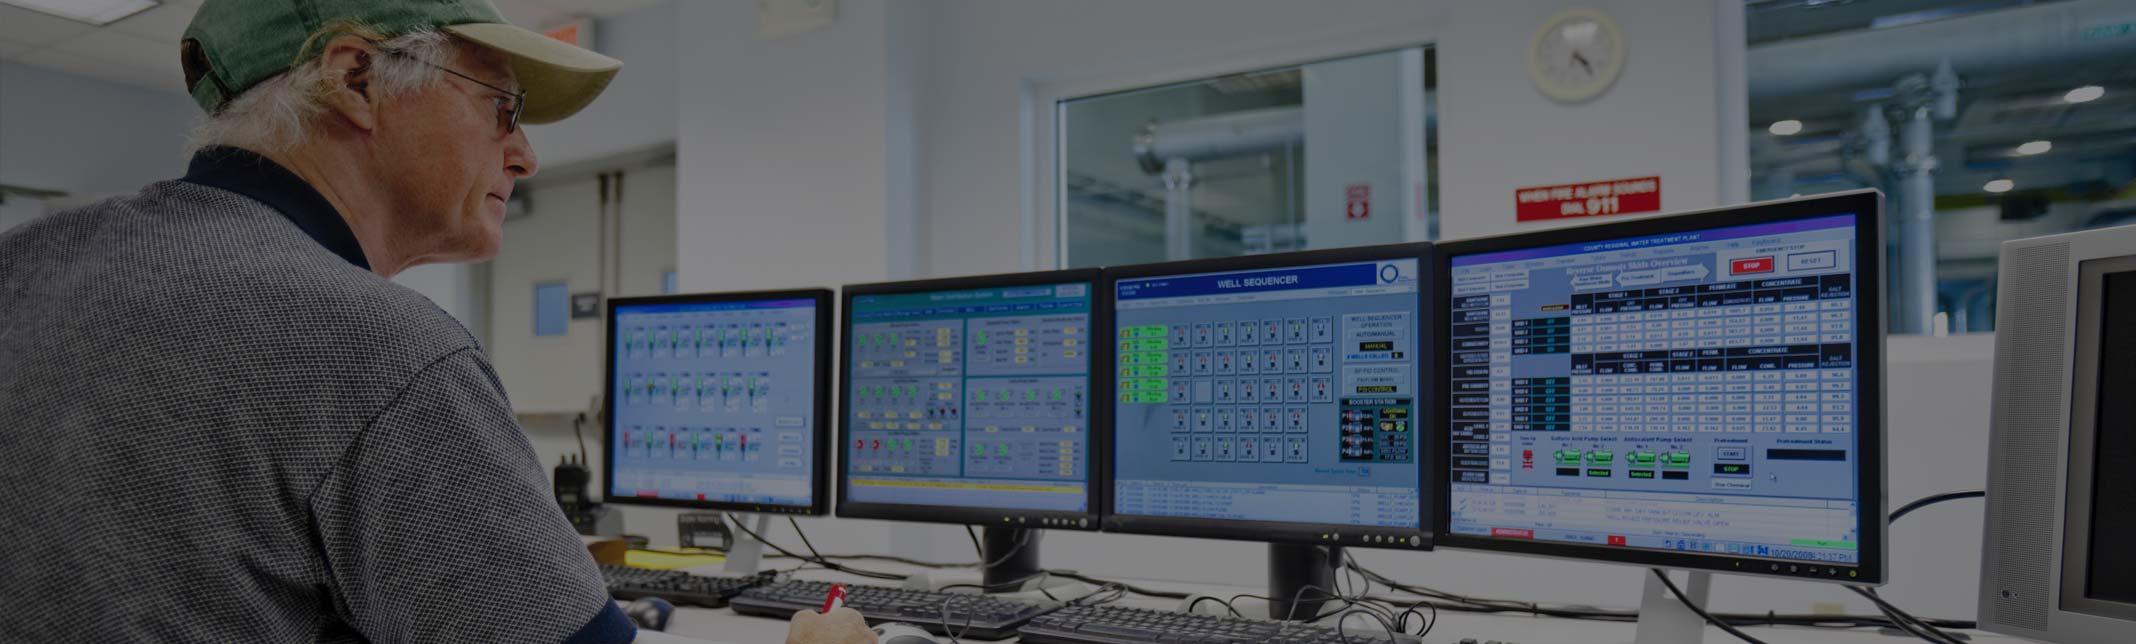 control-centre